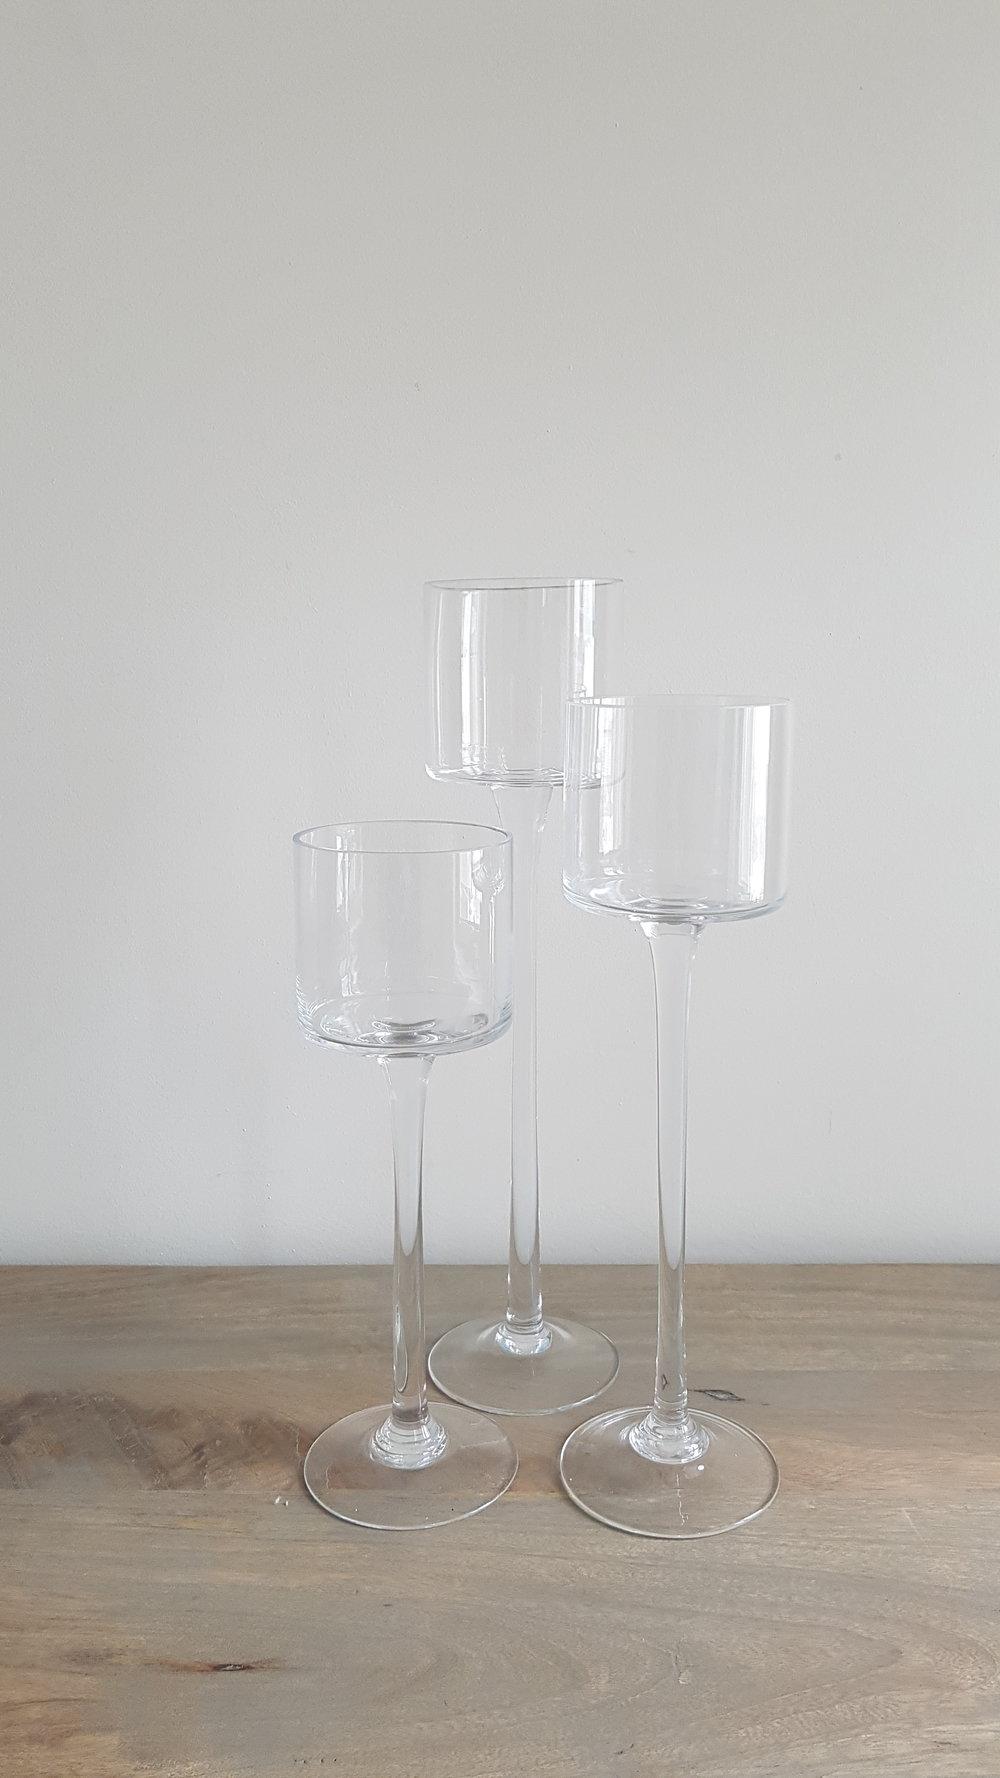 Set of 3 Stemmed Glass Candle Holder - $15 a set   Qty: 10 sets